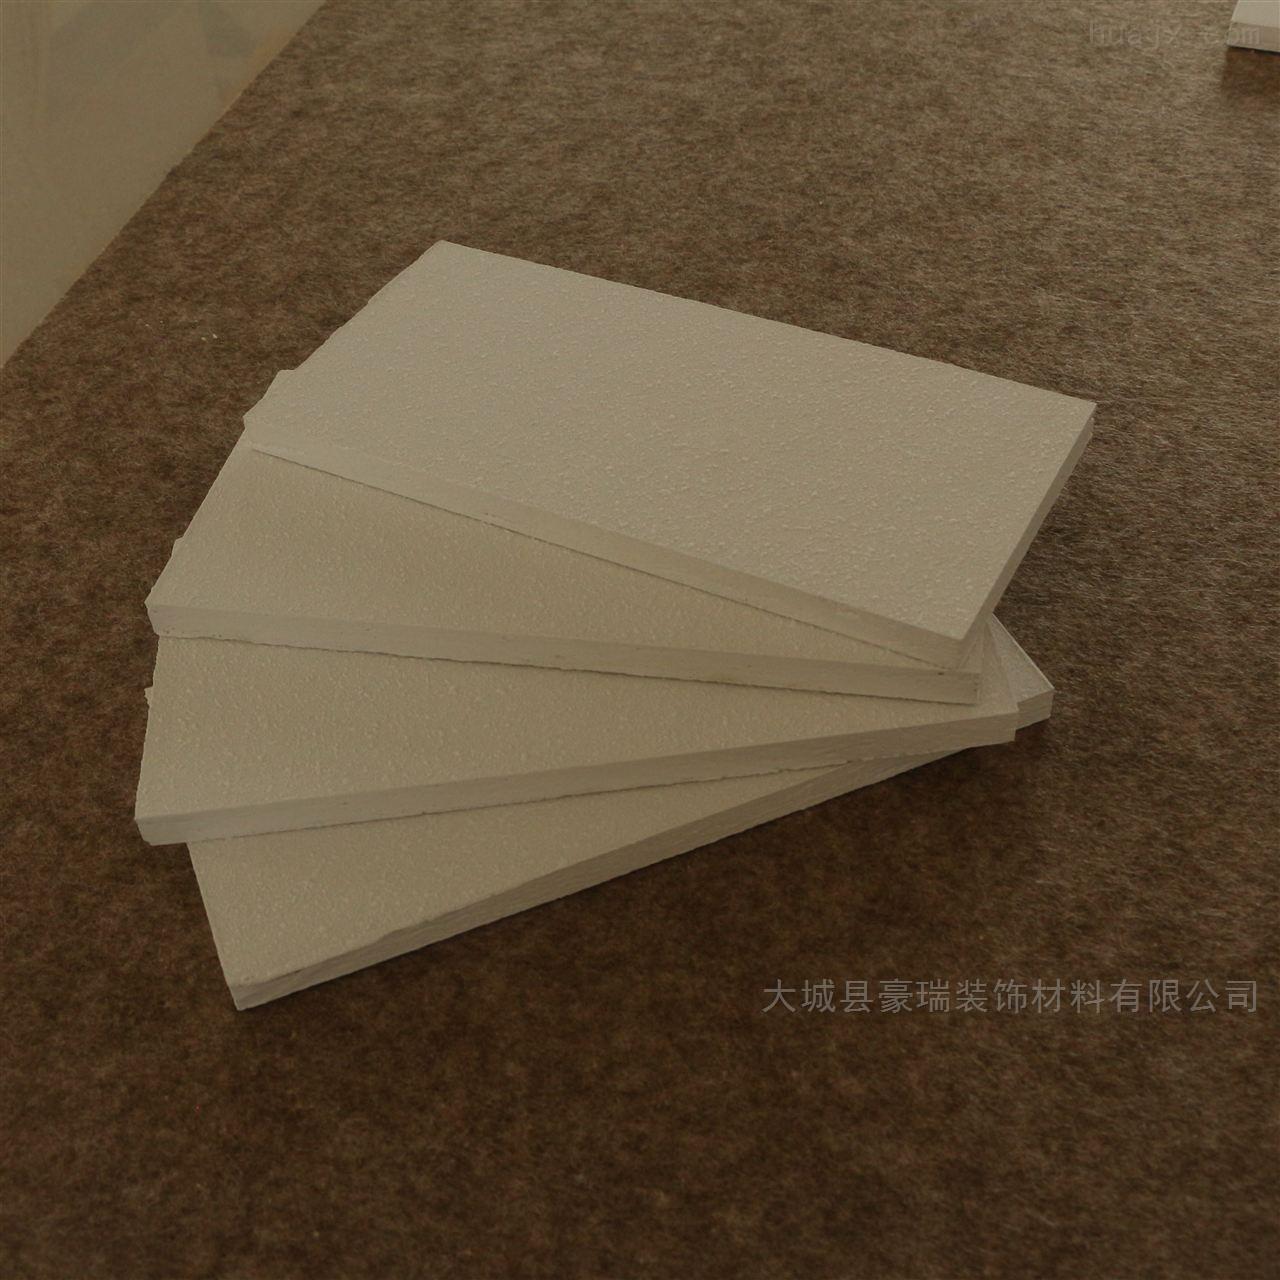 金昌方形岩棉天花吸音板吸声热导率��